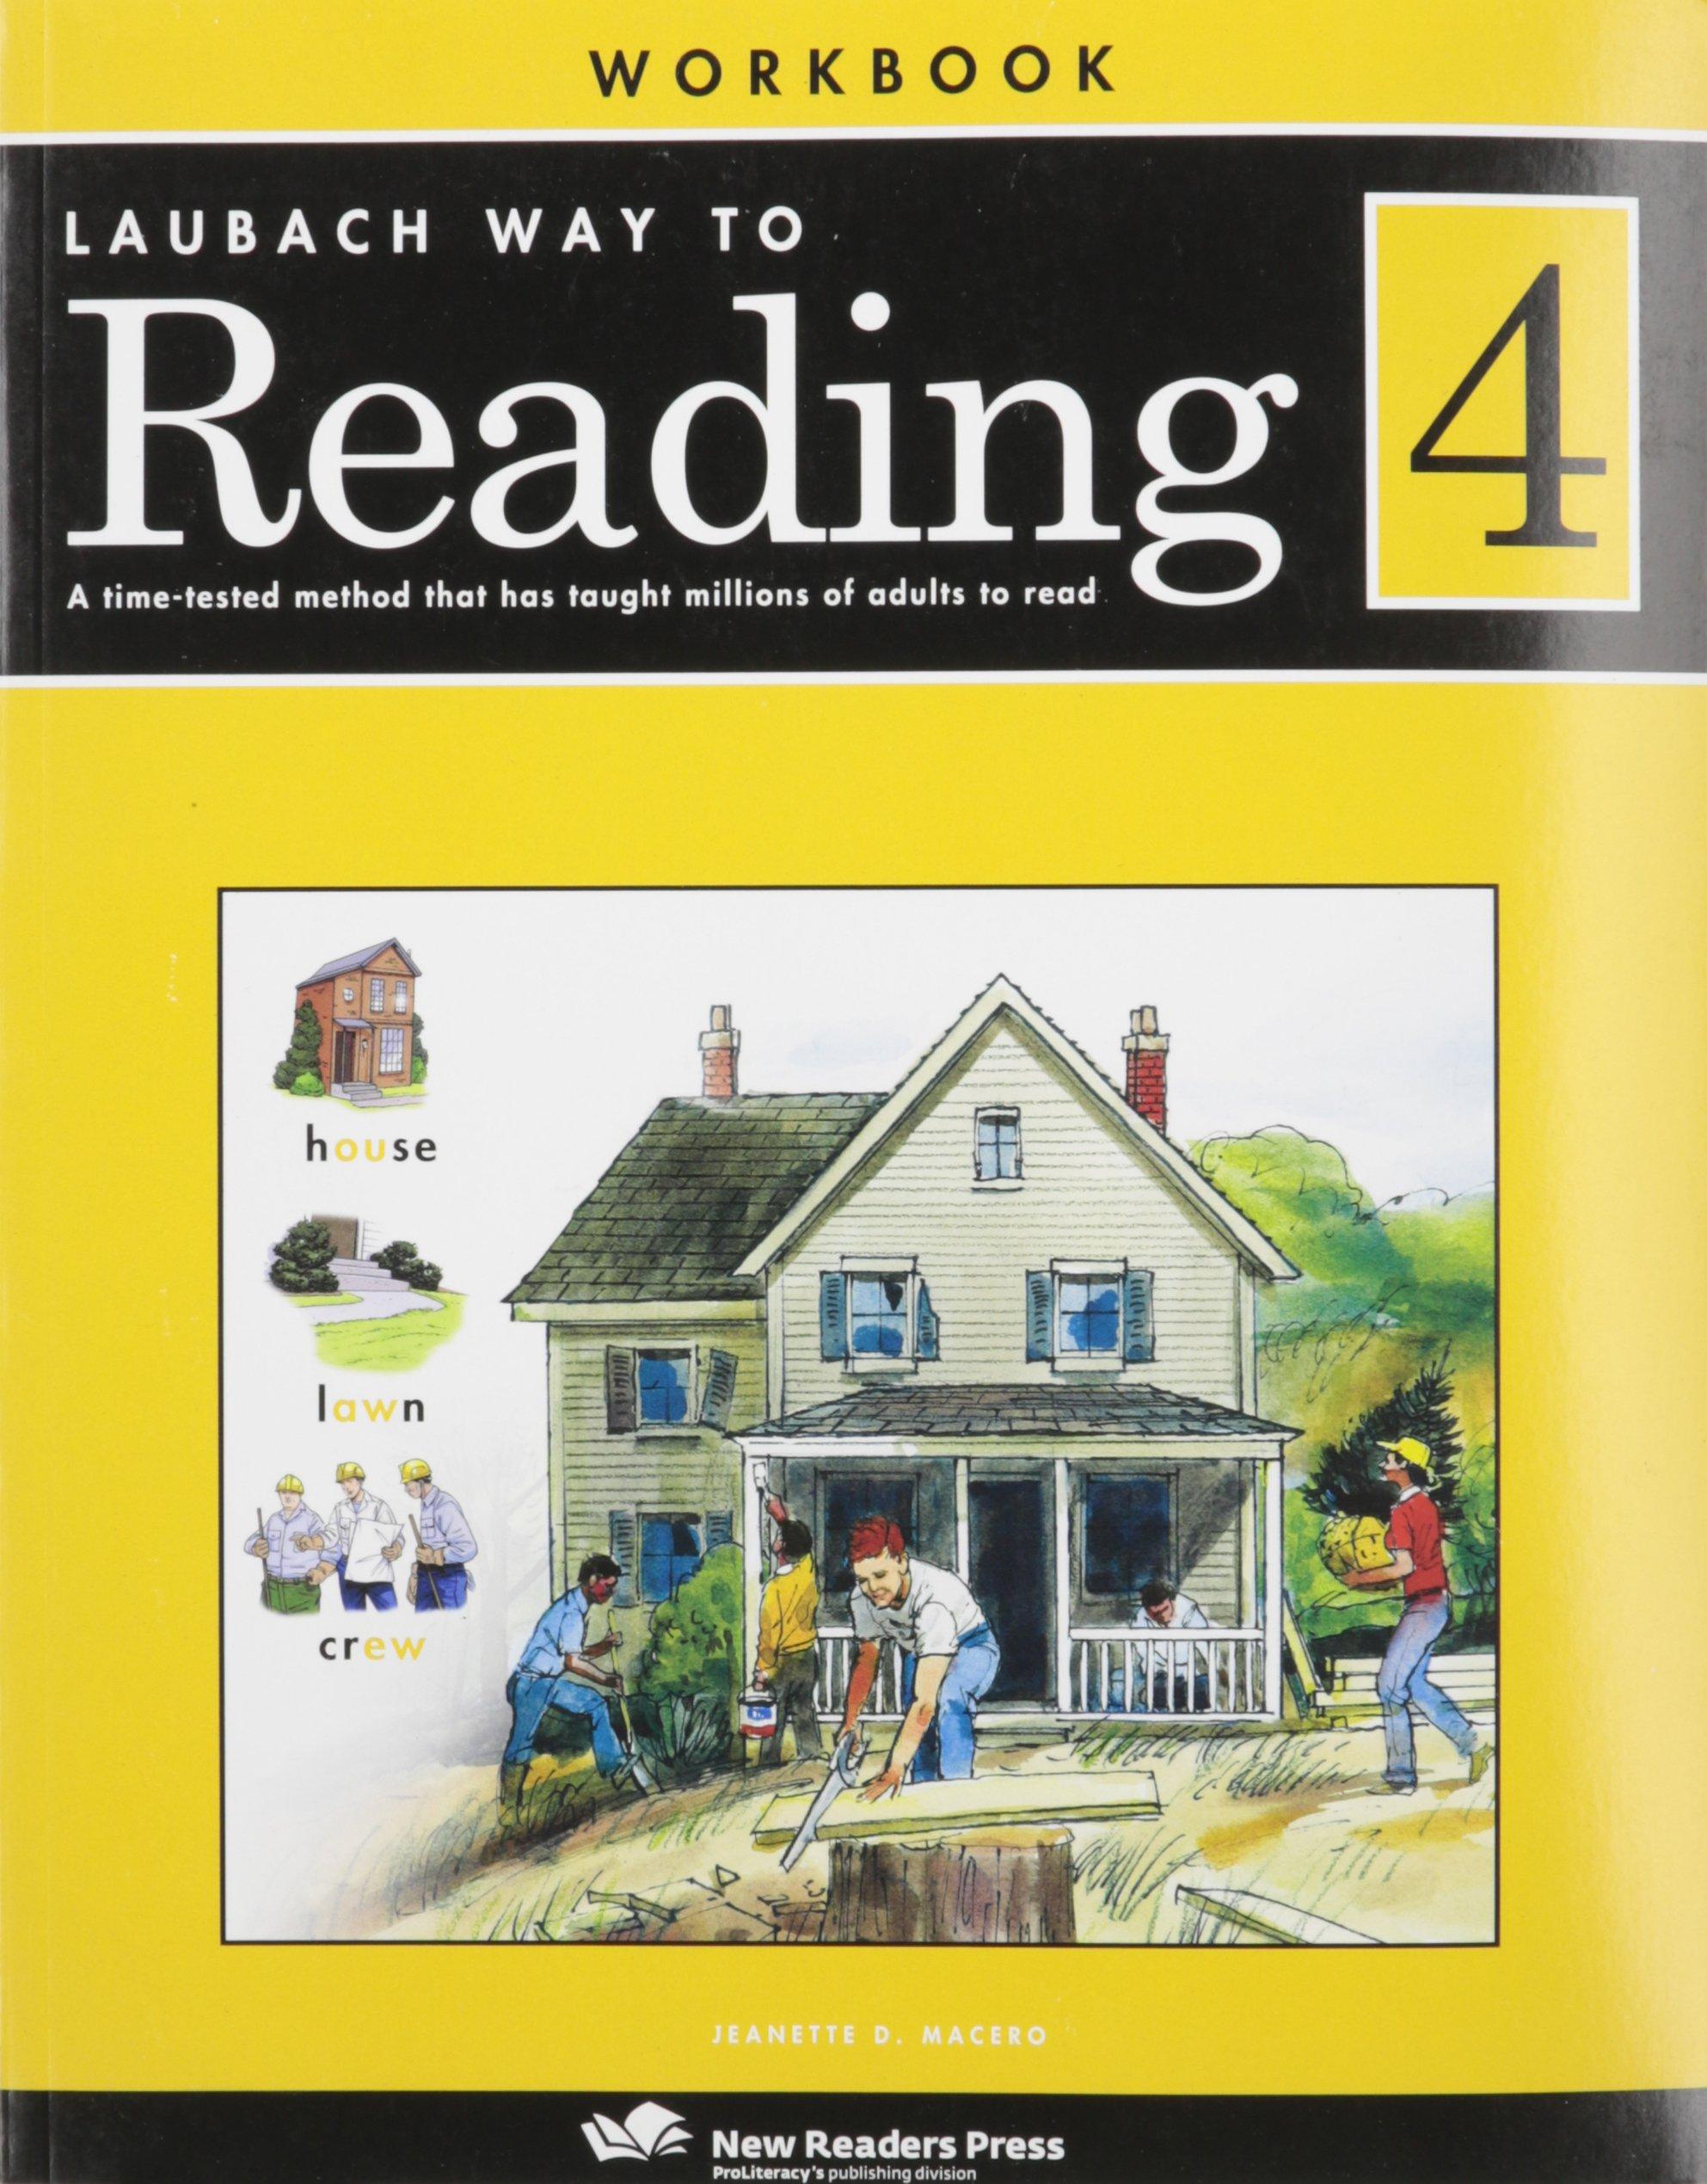 Laubach Way to Reading 4 ebook